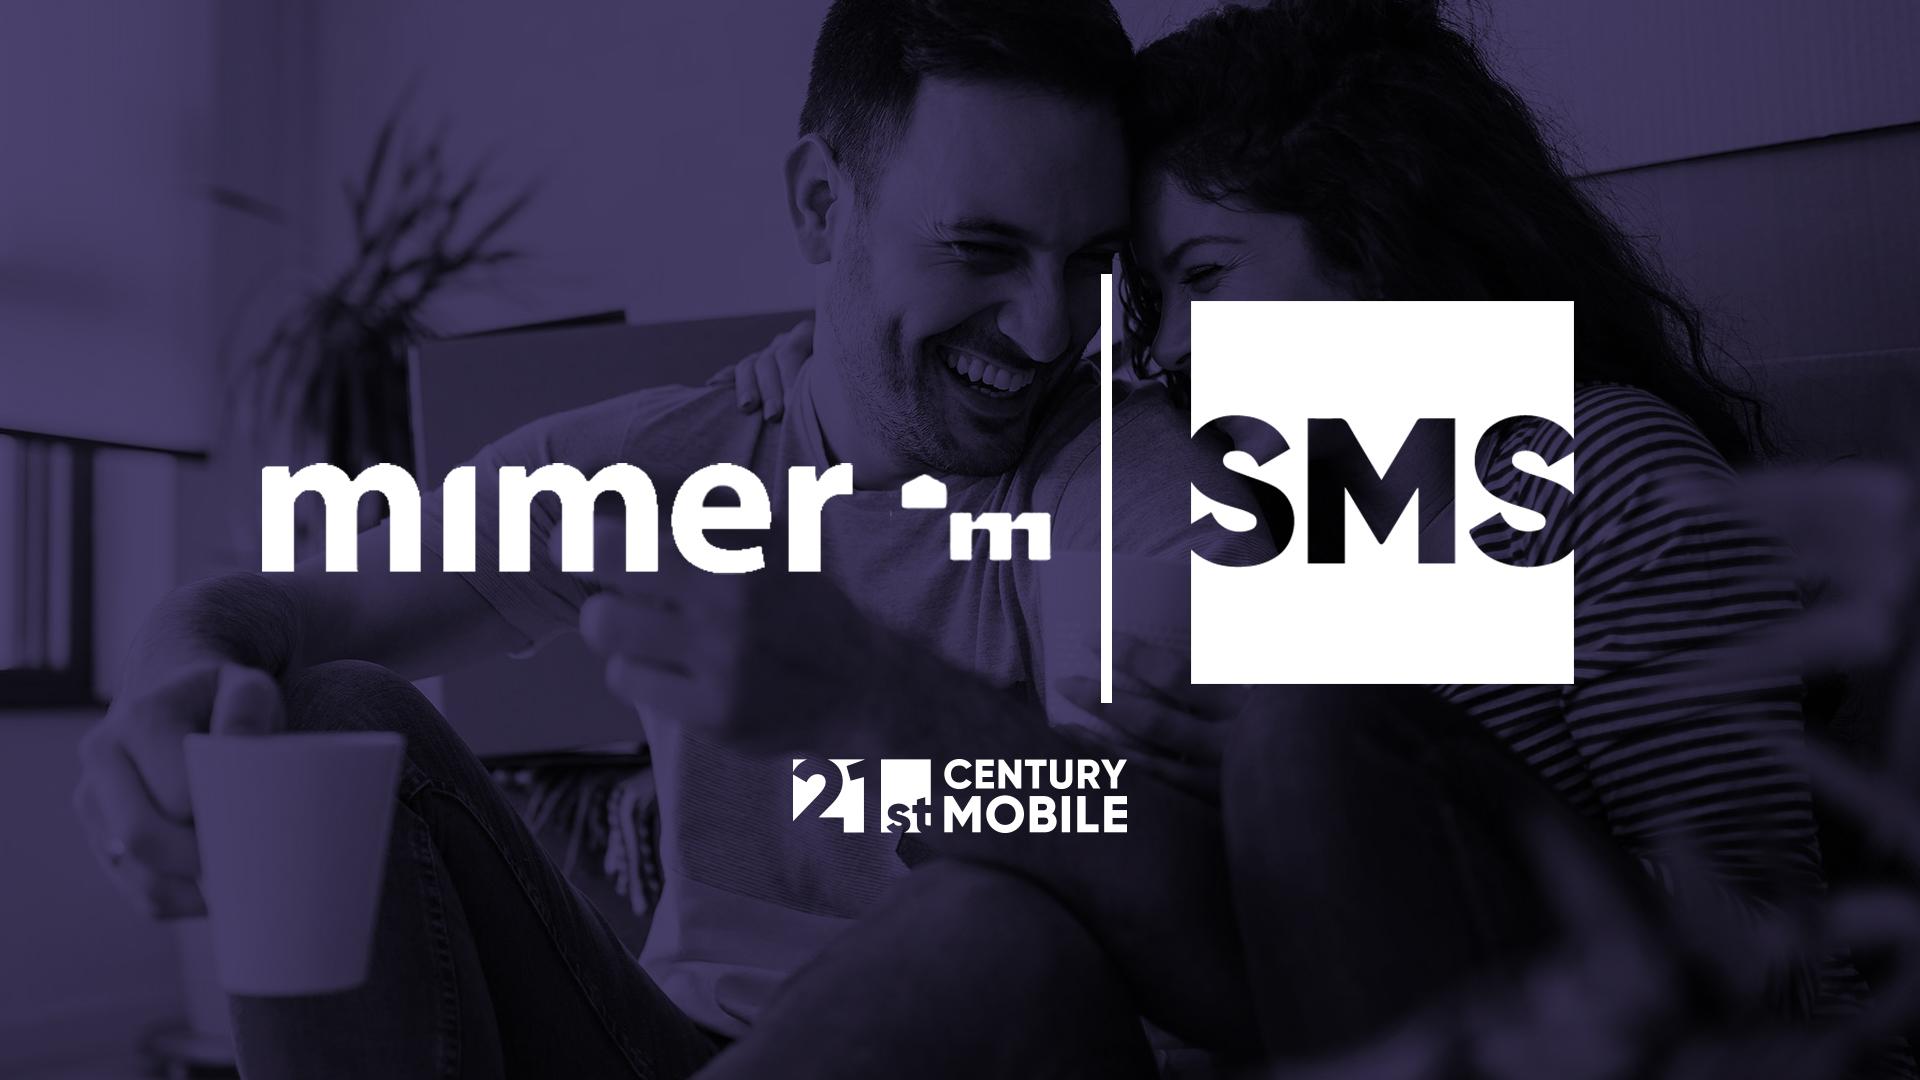 Mimer skickar SMS till hyresgäster